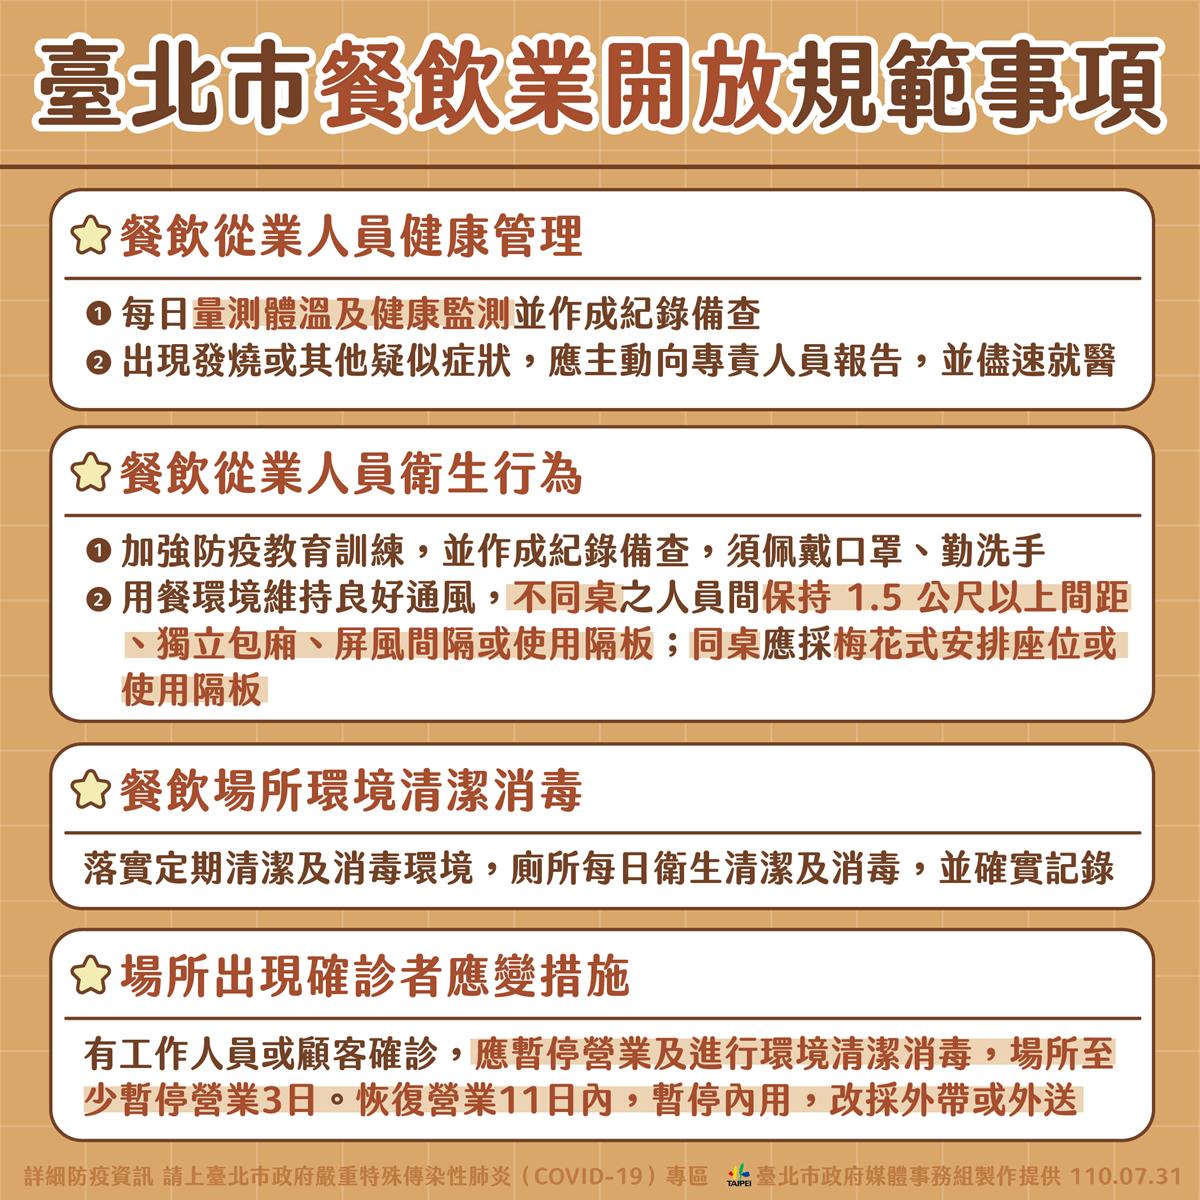 8/3雙北可內用?台北市「餐飲開放指引」出爐,與新北同步、不排除隨時暫停